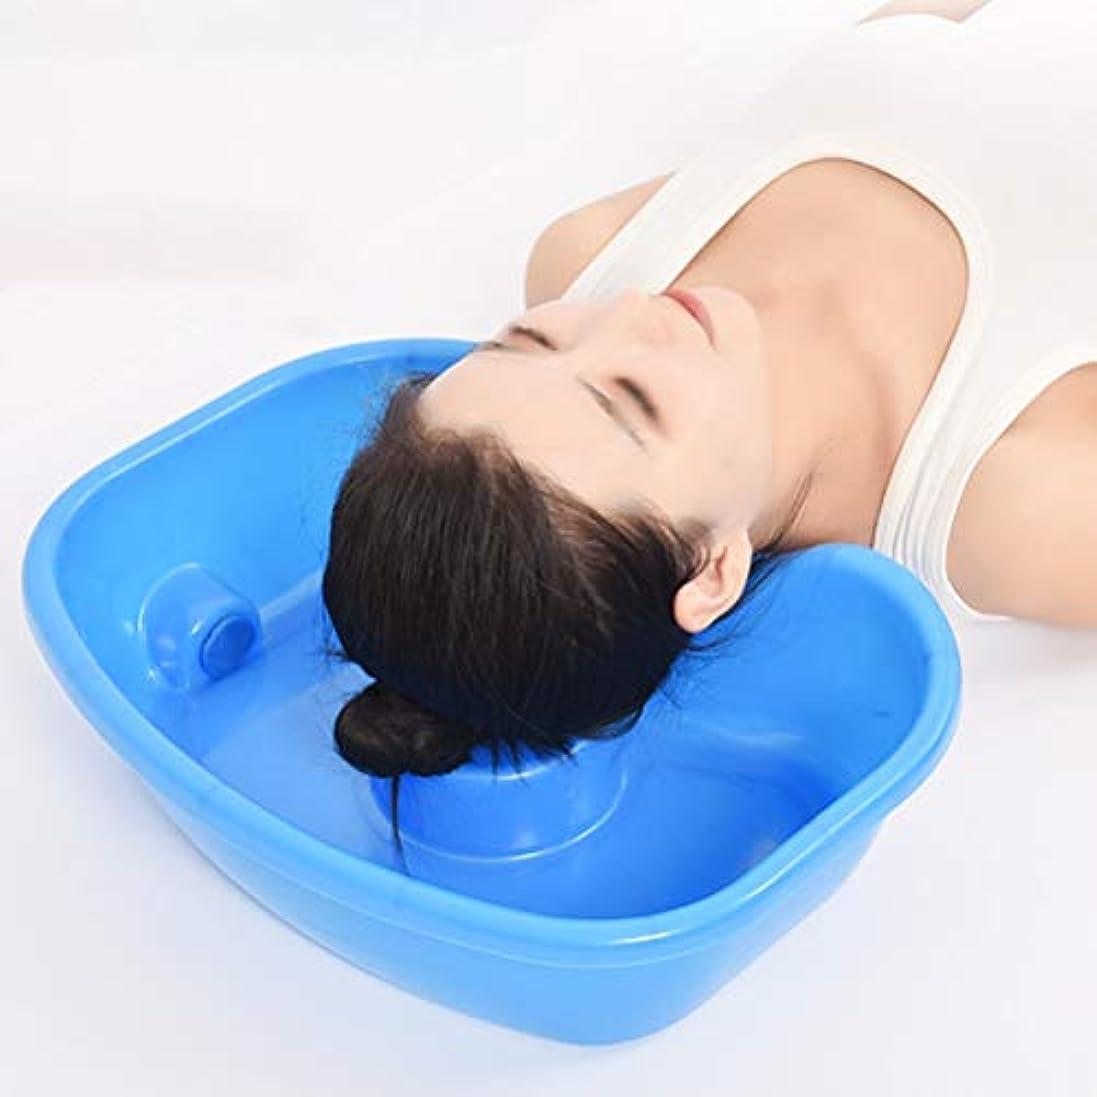 ミニチュア写真を撮る下品寝たきり患者障害者高齢者Pregnencyのためにベッドでシャンプーボウル、医療ベッドシャンプー盆地ウォッシュ髪をベッドサイド